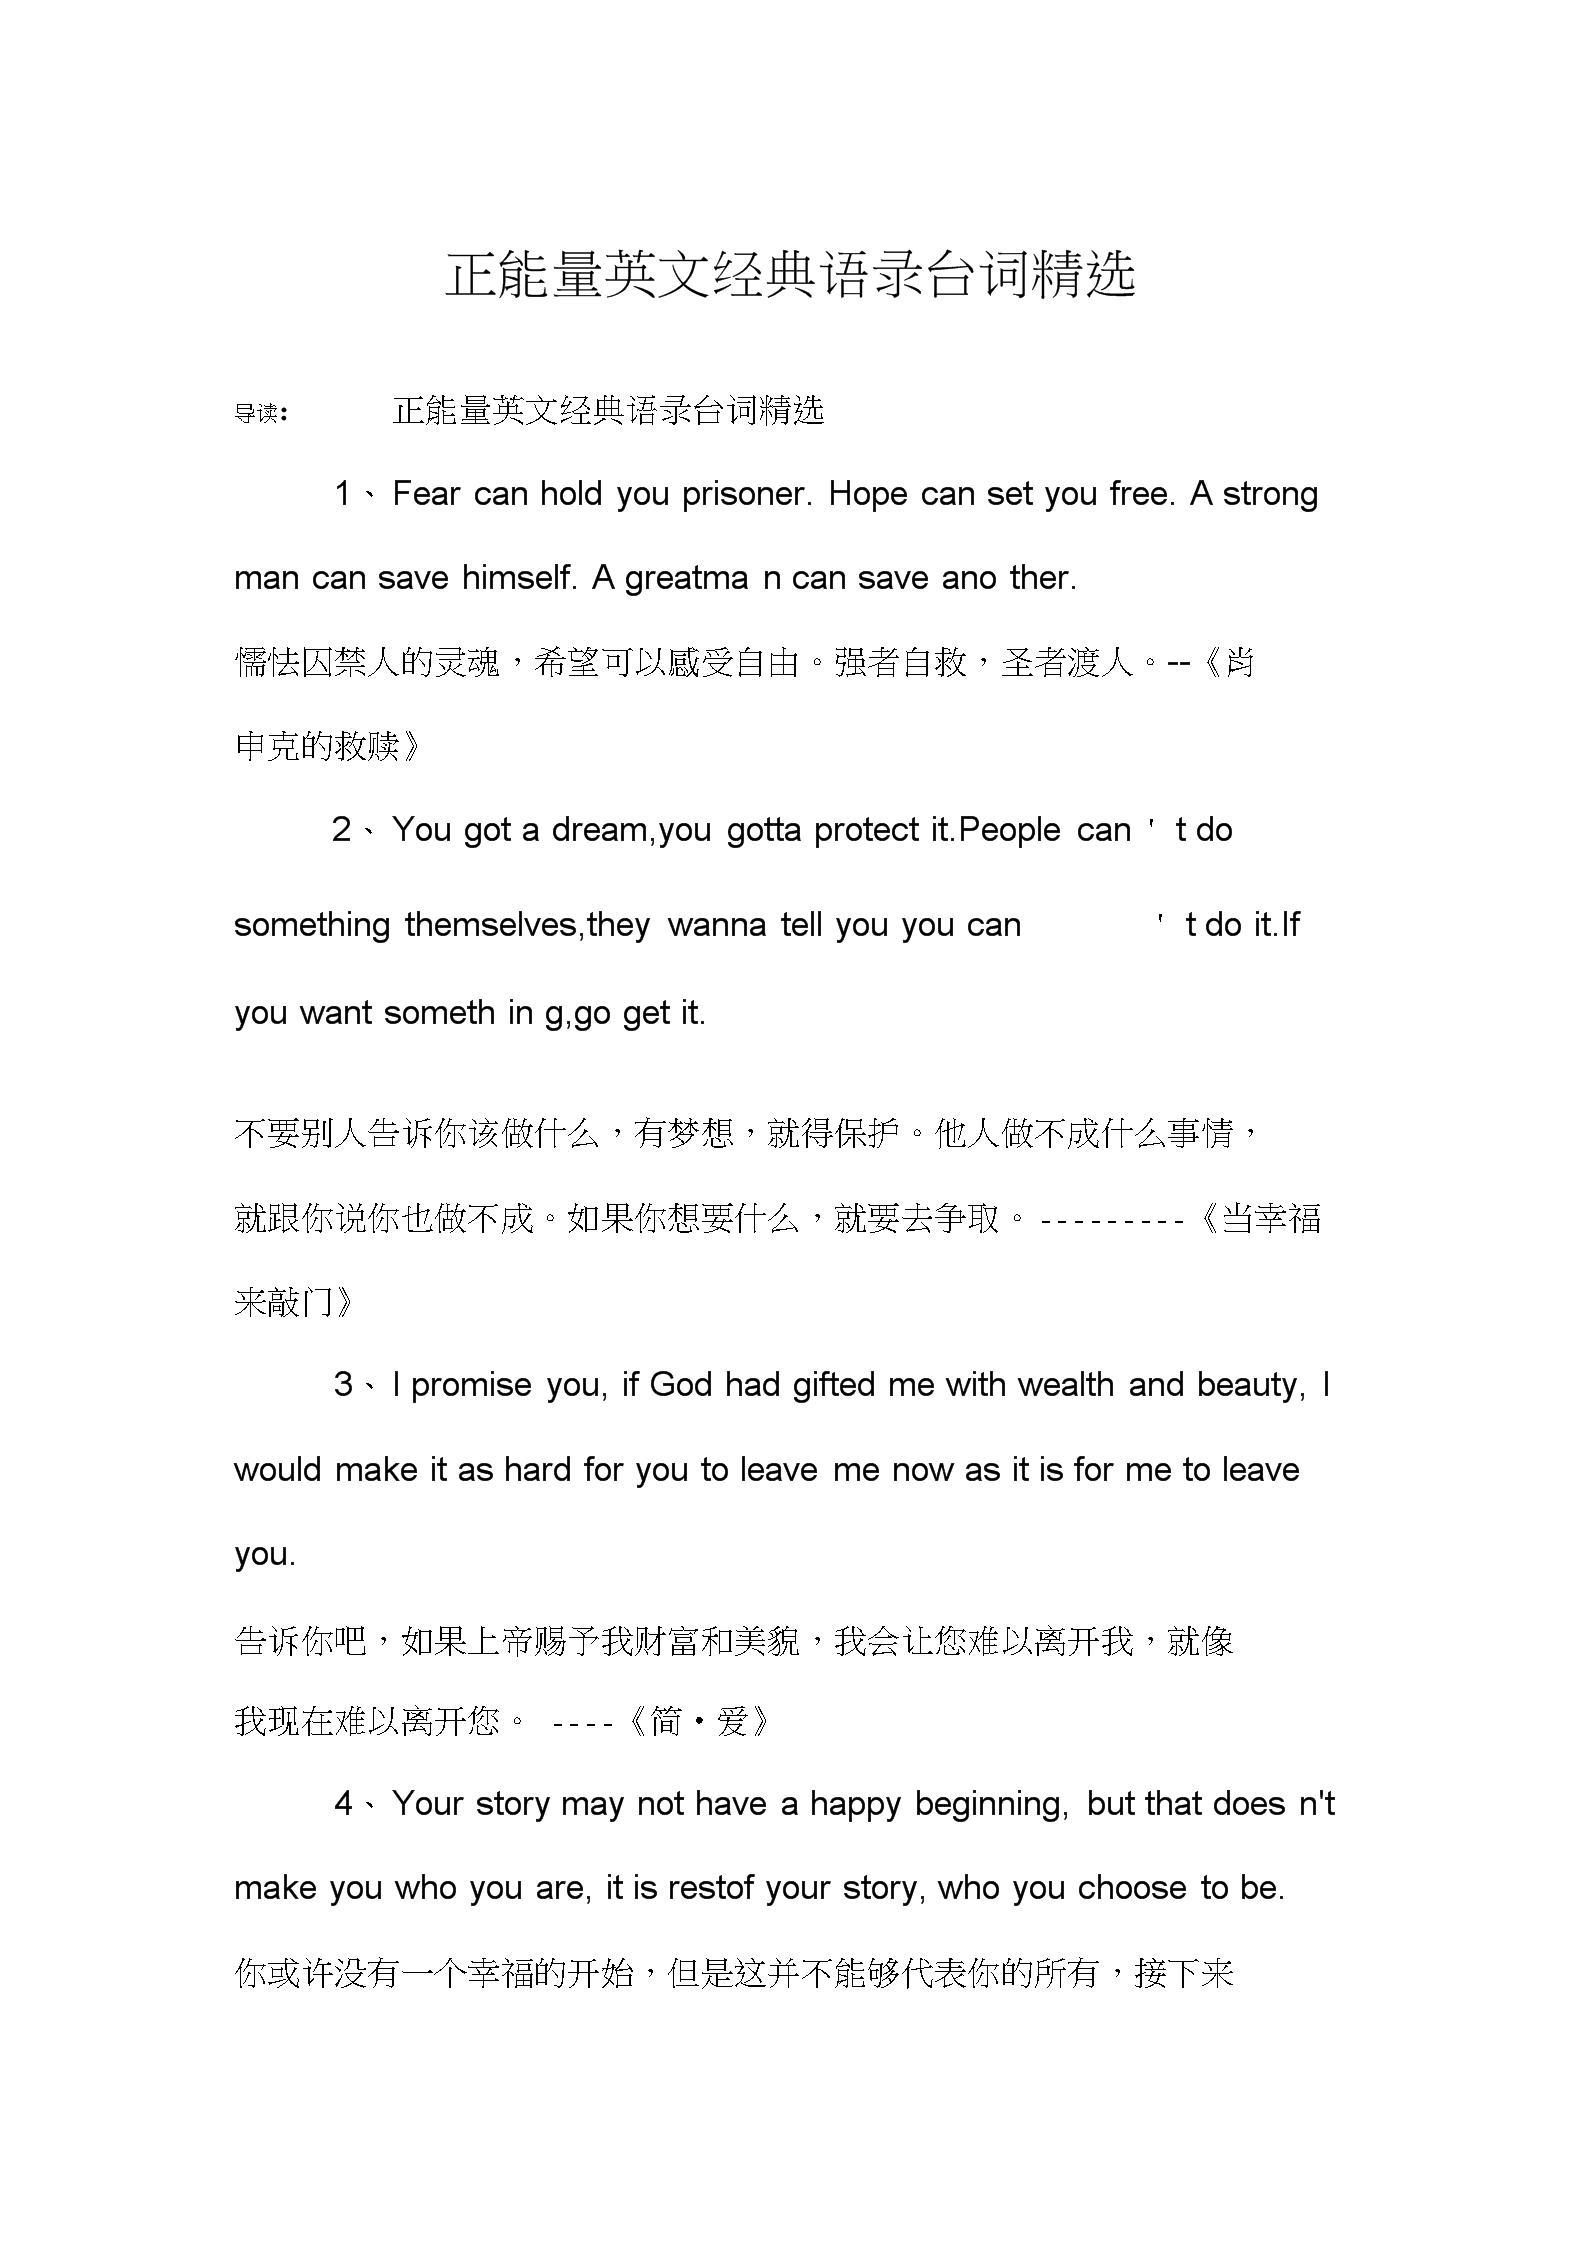 正能量英文经典语录台词精选.docx